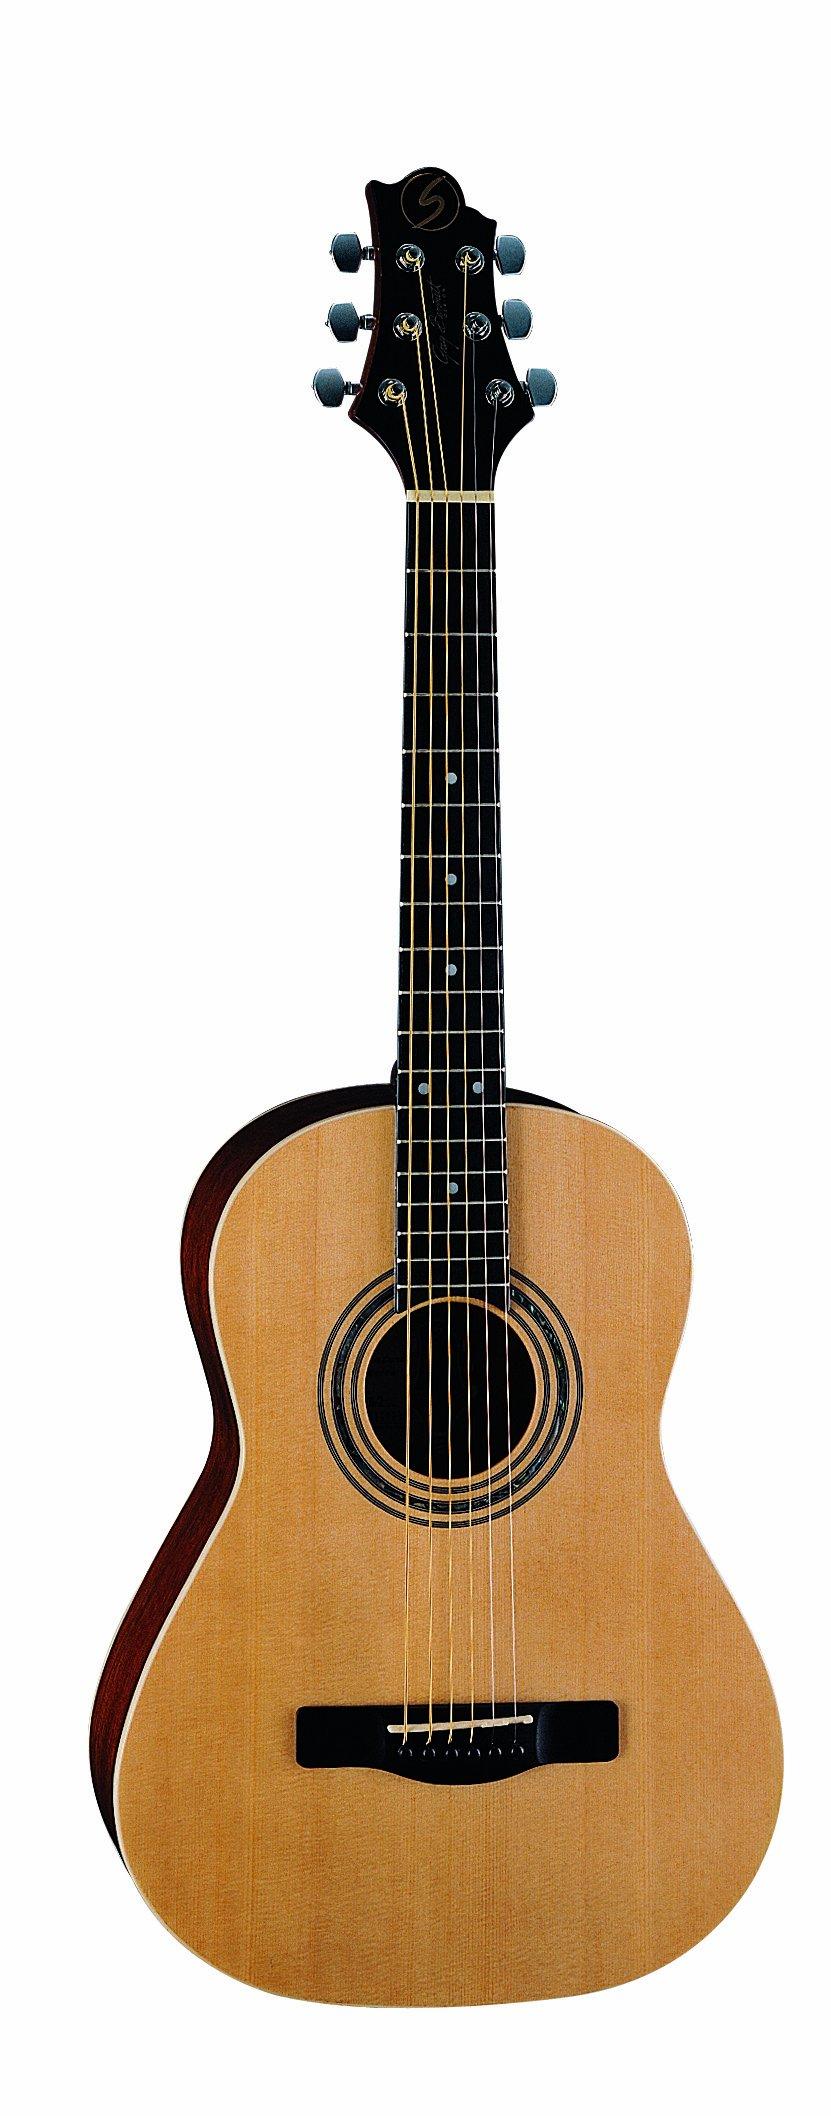 Samick Greg Bennett Design ST62 Acoustic Guitar, Natural by Samick